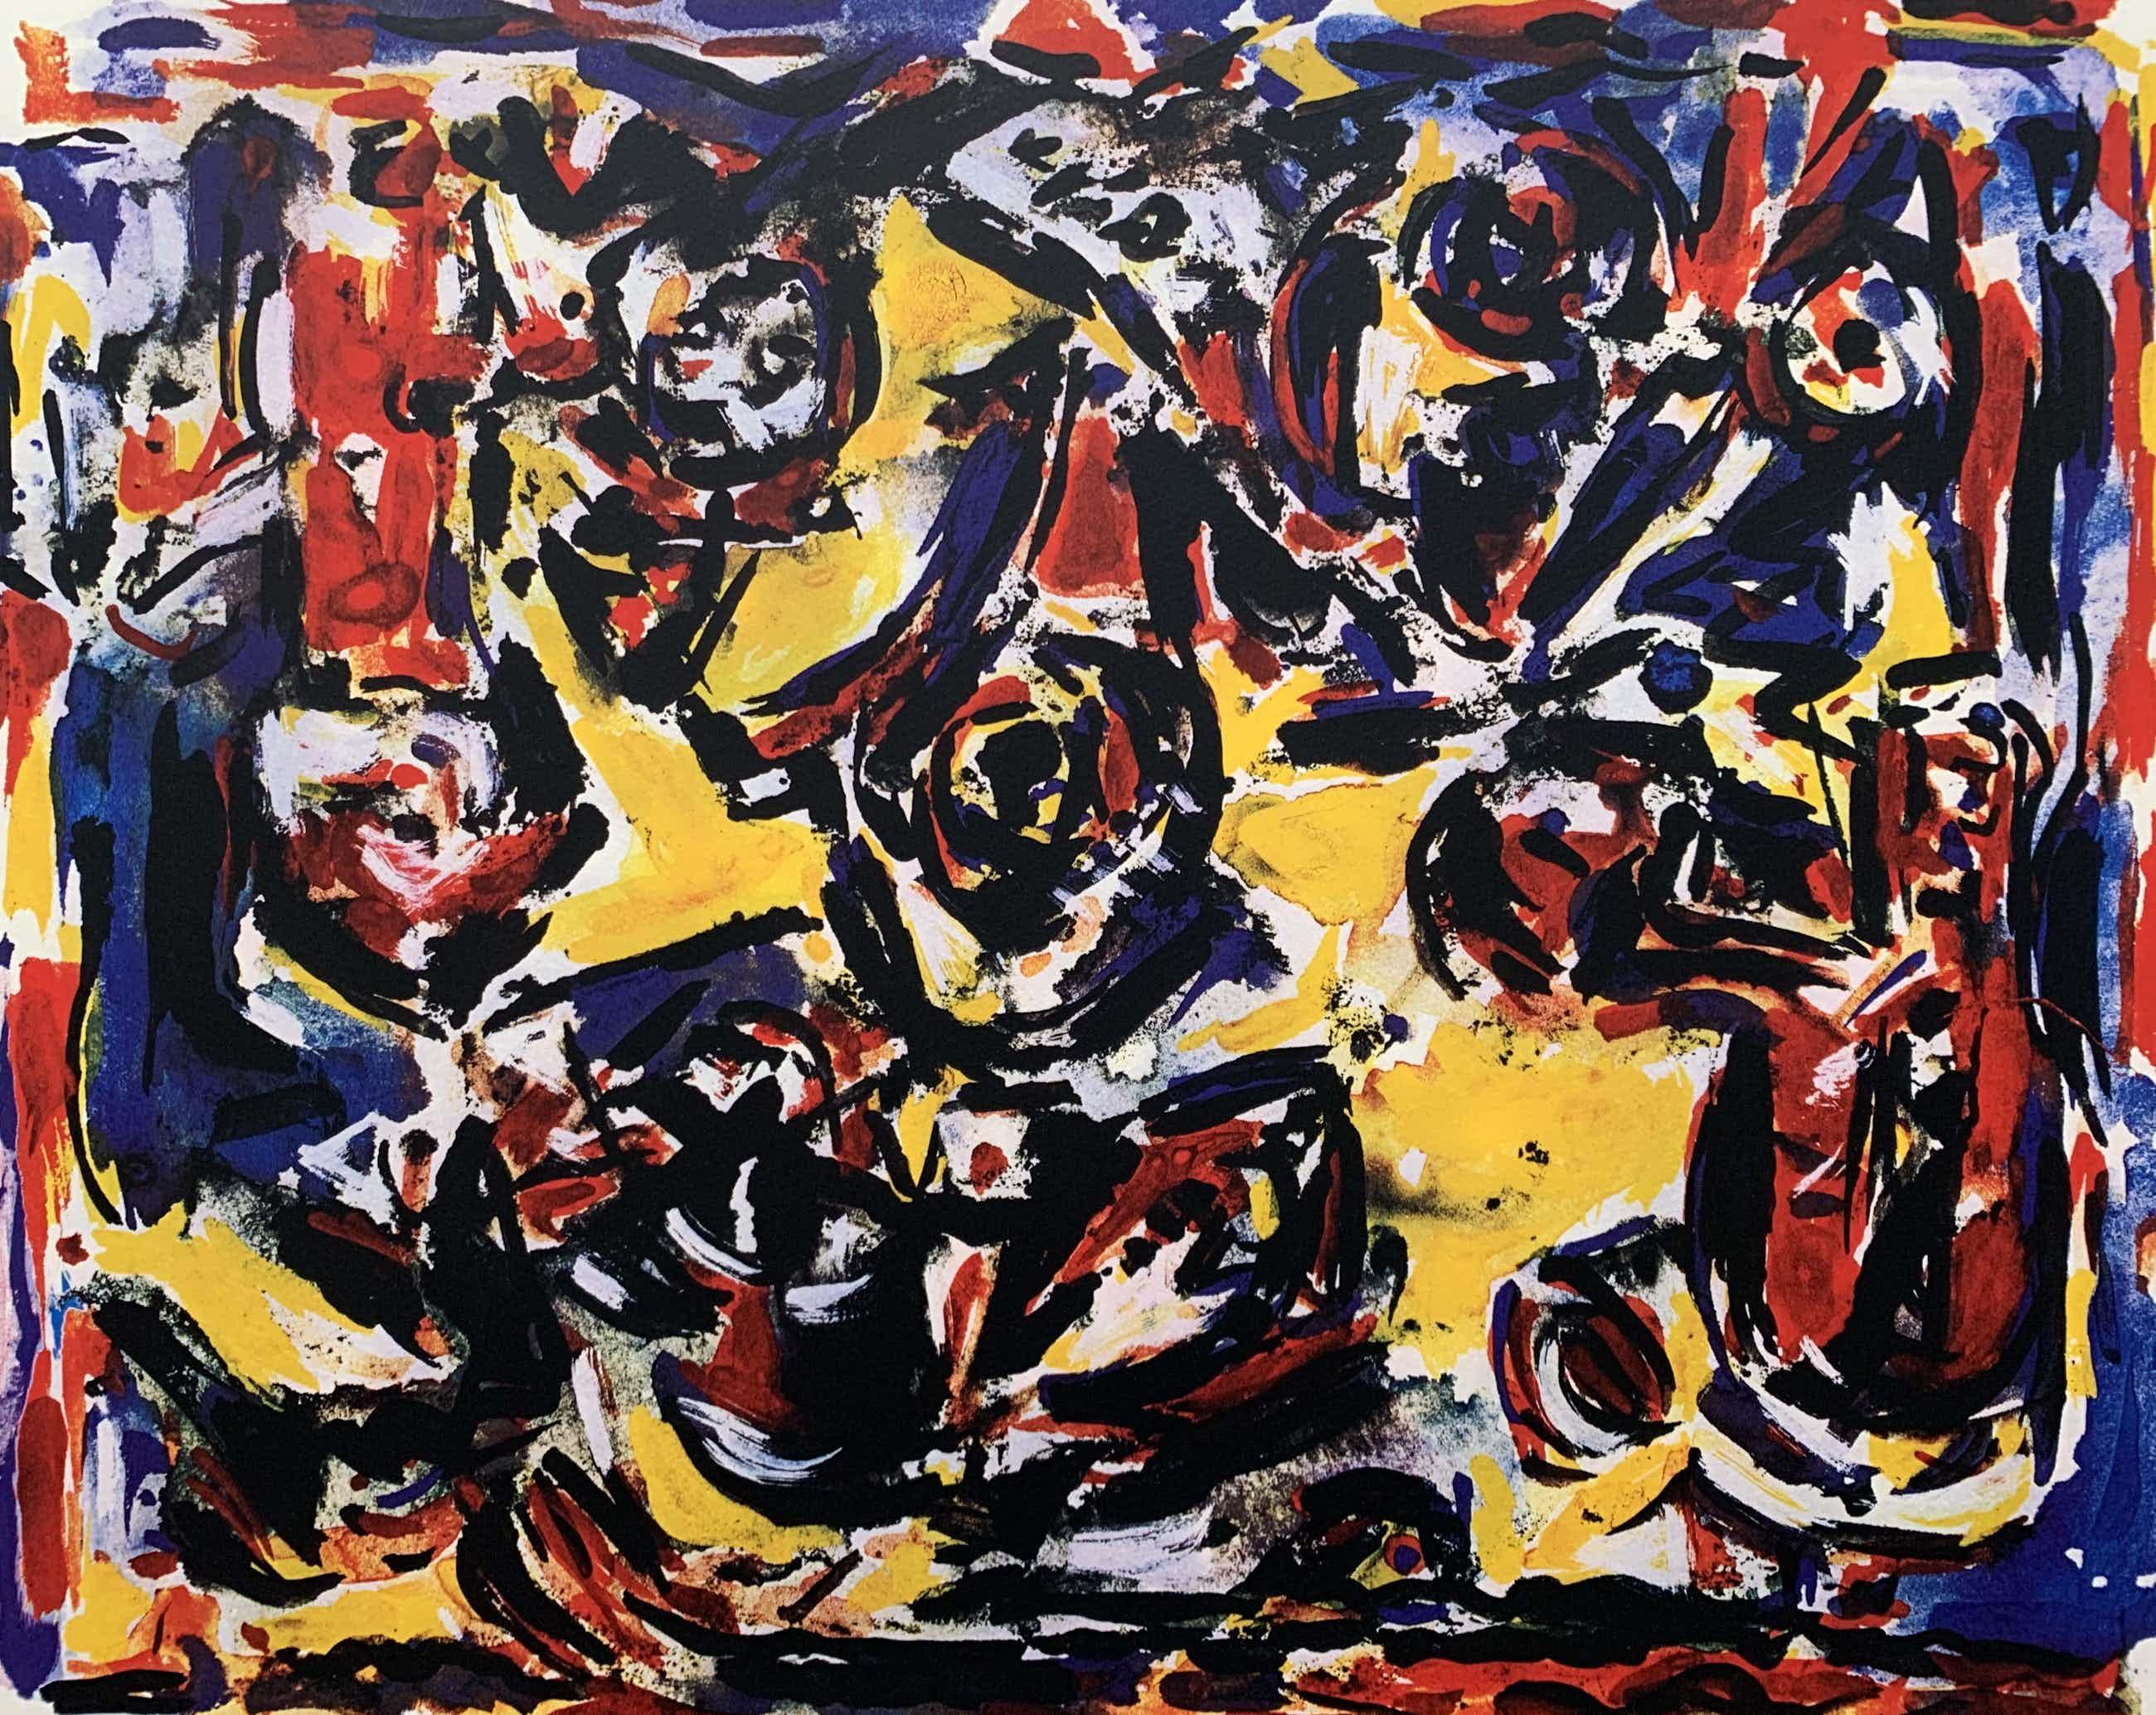 Theo Wolvecamp - kleurenzeefdruk - zonder titel - 1990 (Prachtige kleuren) kopen? Bied vanaf 275!